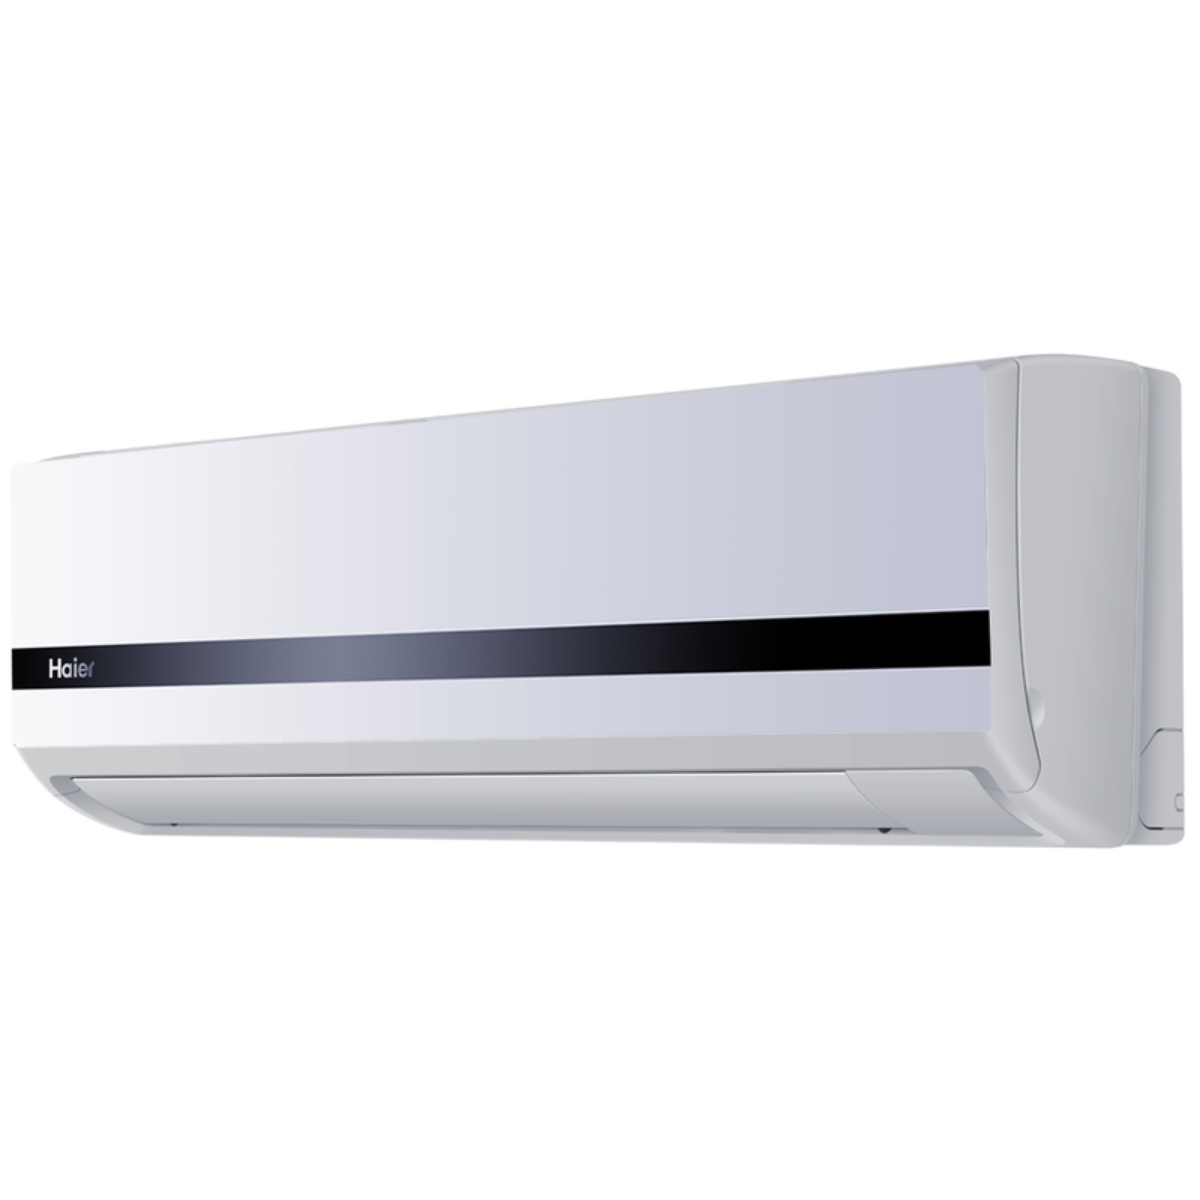 海尔高效定频壁挂式空调 KFR-35GW/03GJC12-DS套机